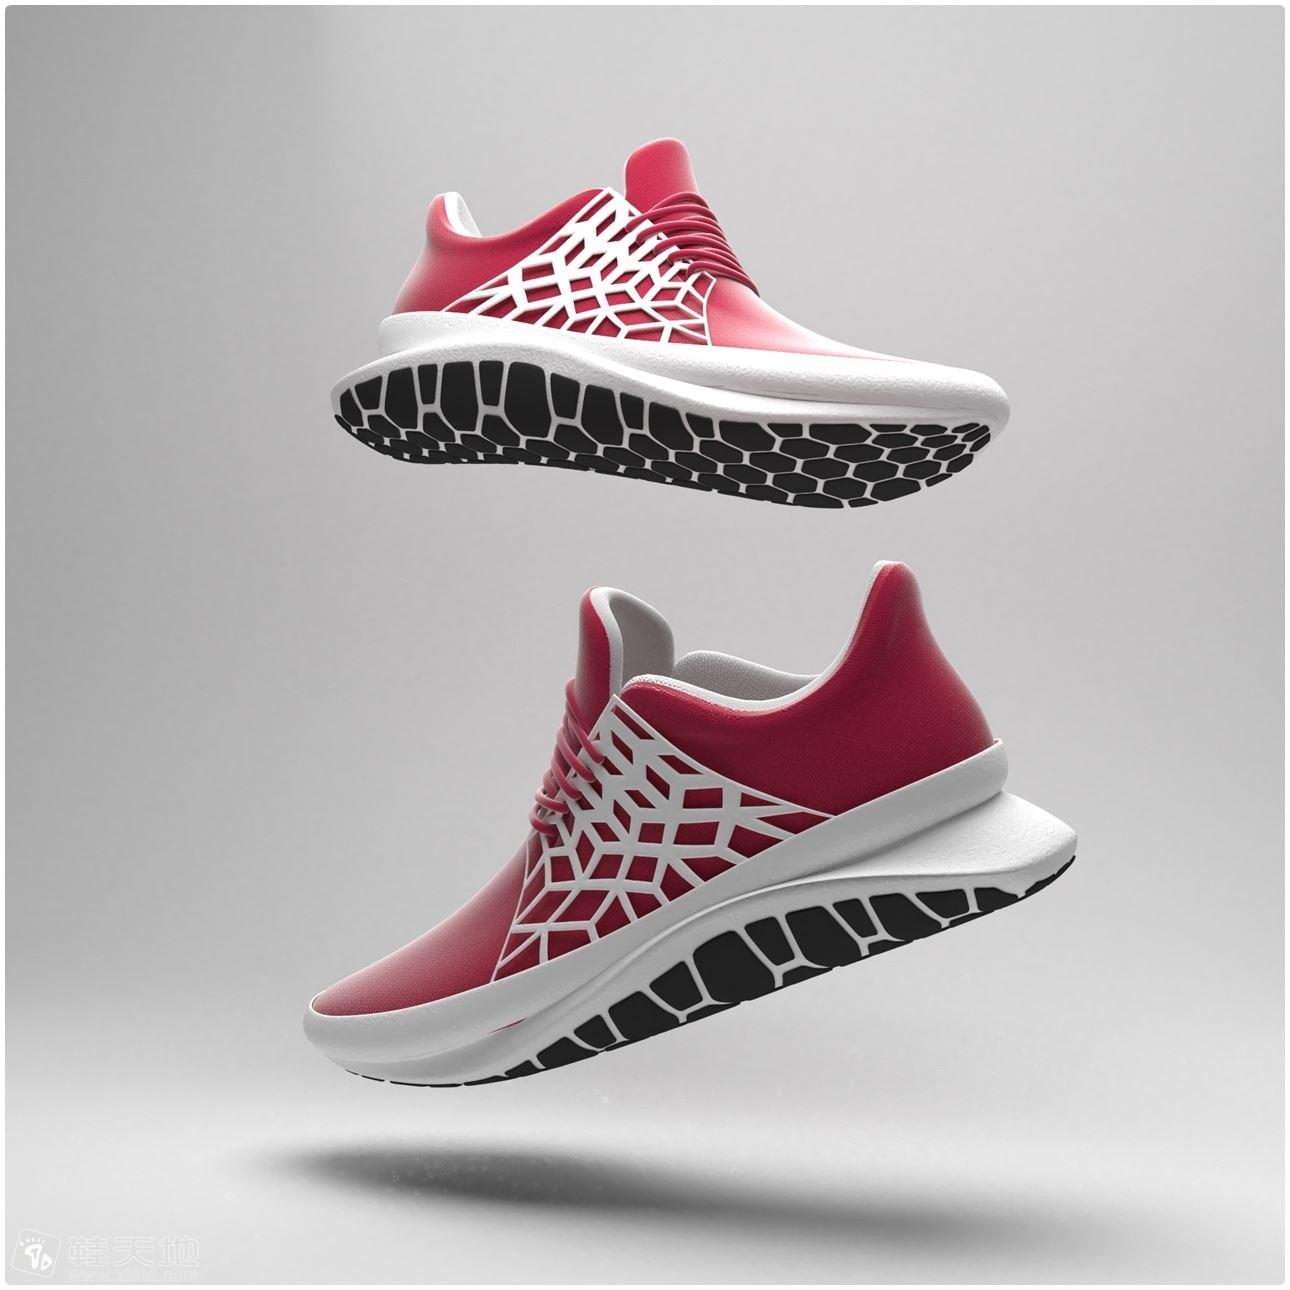 Sneaker concept (1).jpg